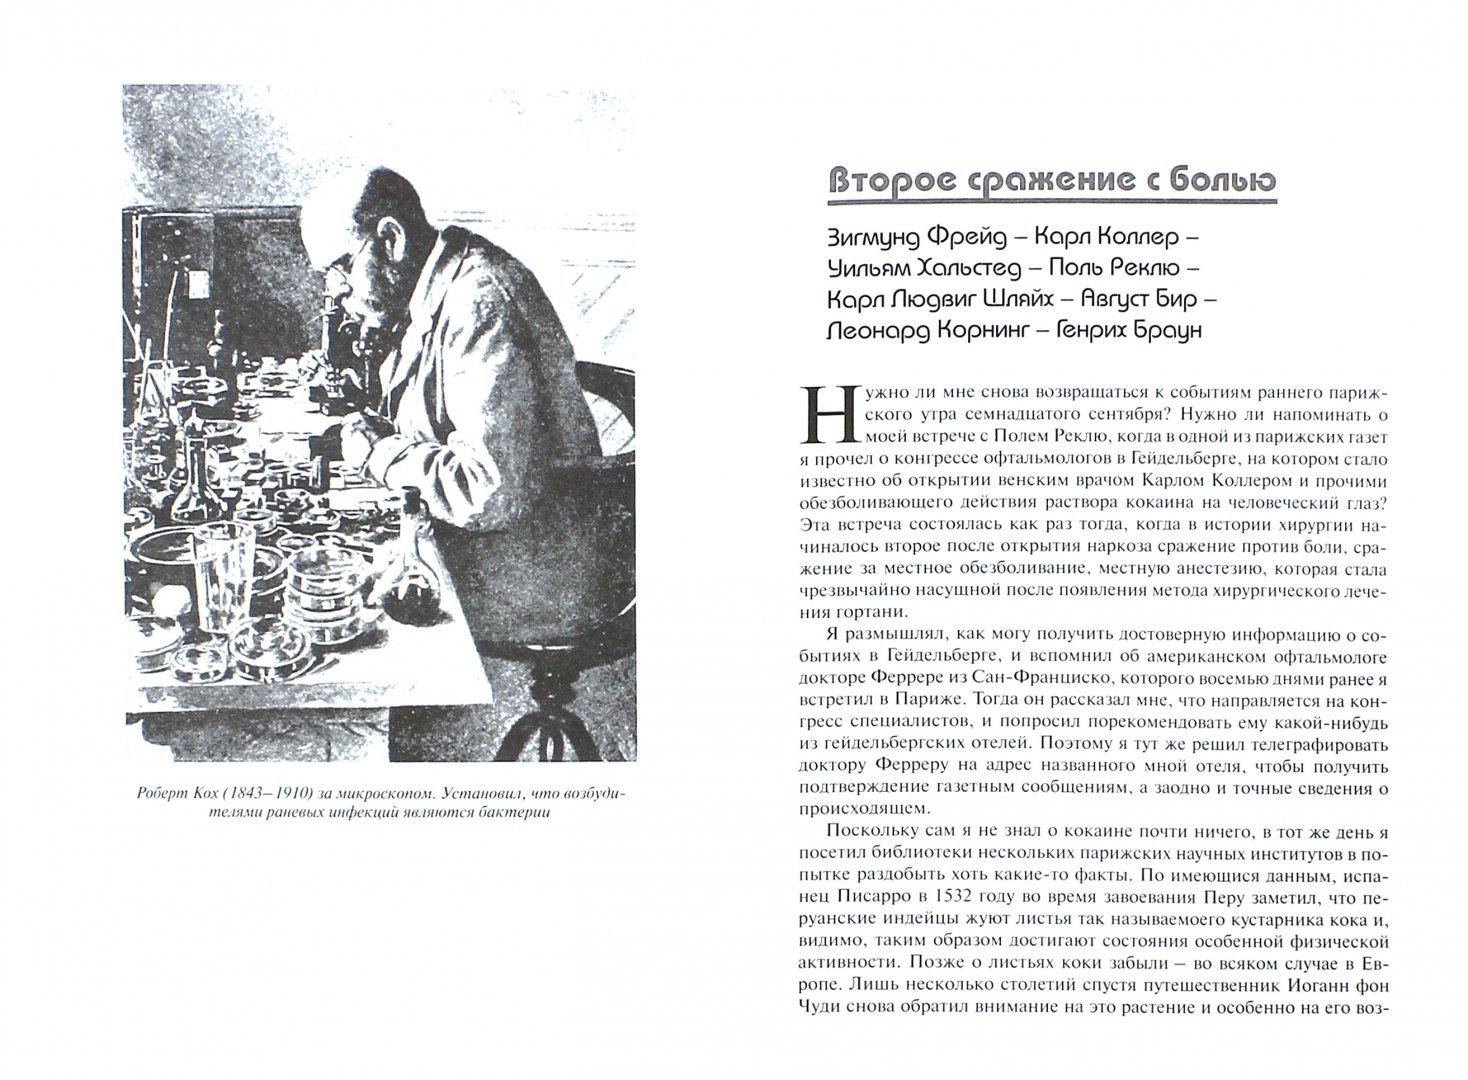 Иллюстрация 1 из 12 для Империя хирургов - Юрген Торвальд | Лабиринт - книги. Источник: Лабиринт